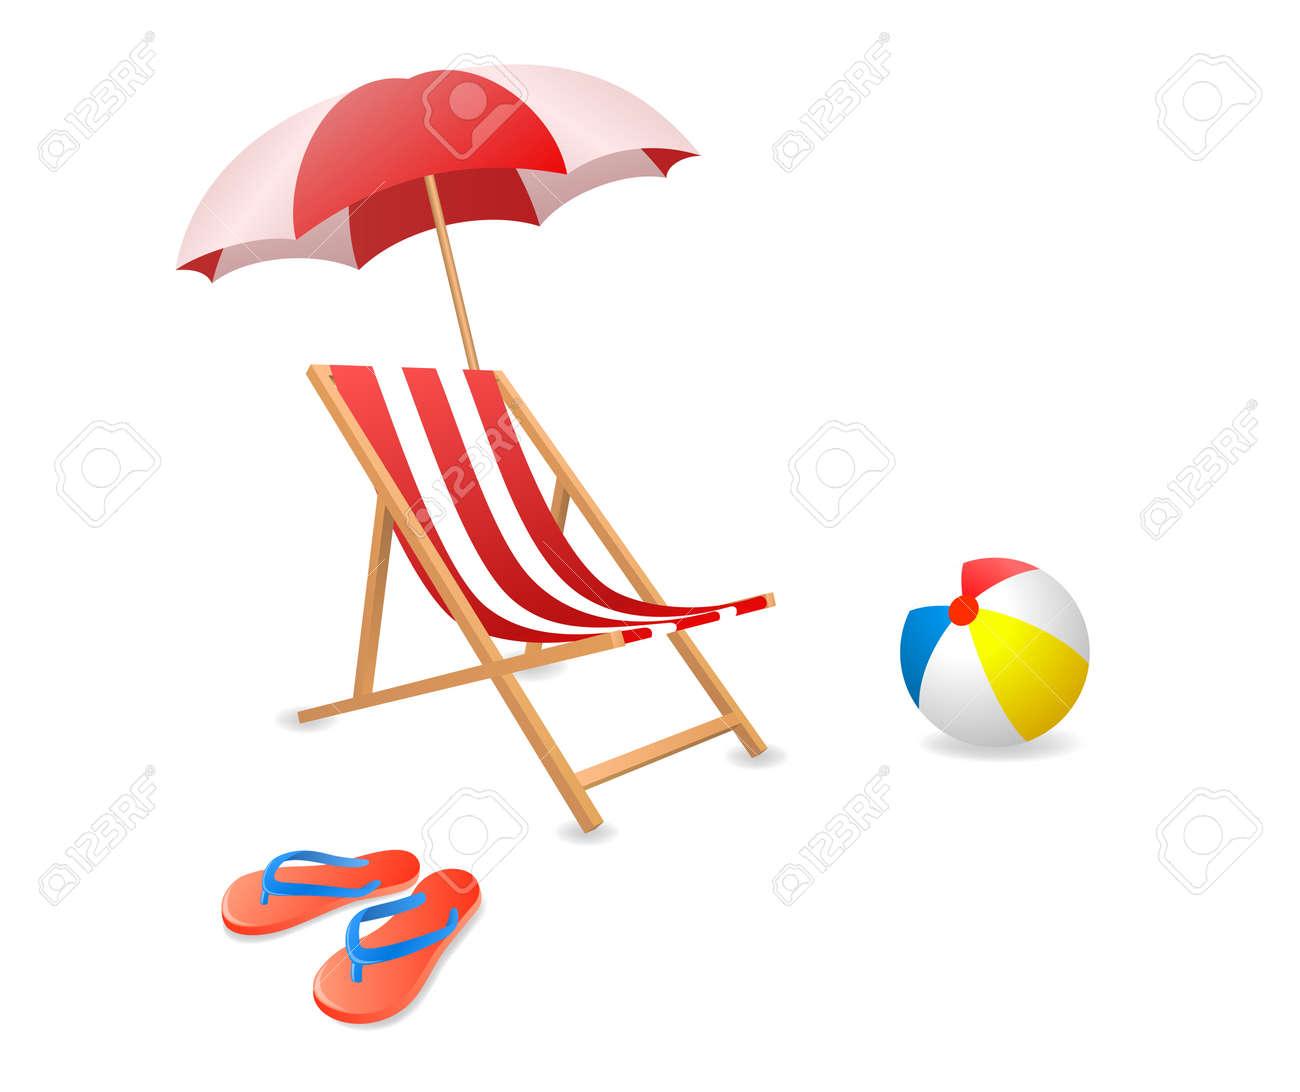 Beach chair with umbrella - Vector Vector Illustration Of A Beach Chair With Umbrella